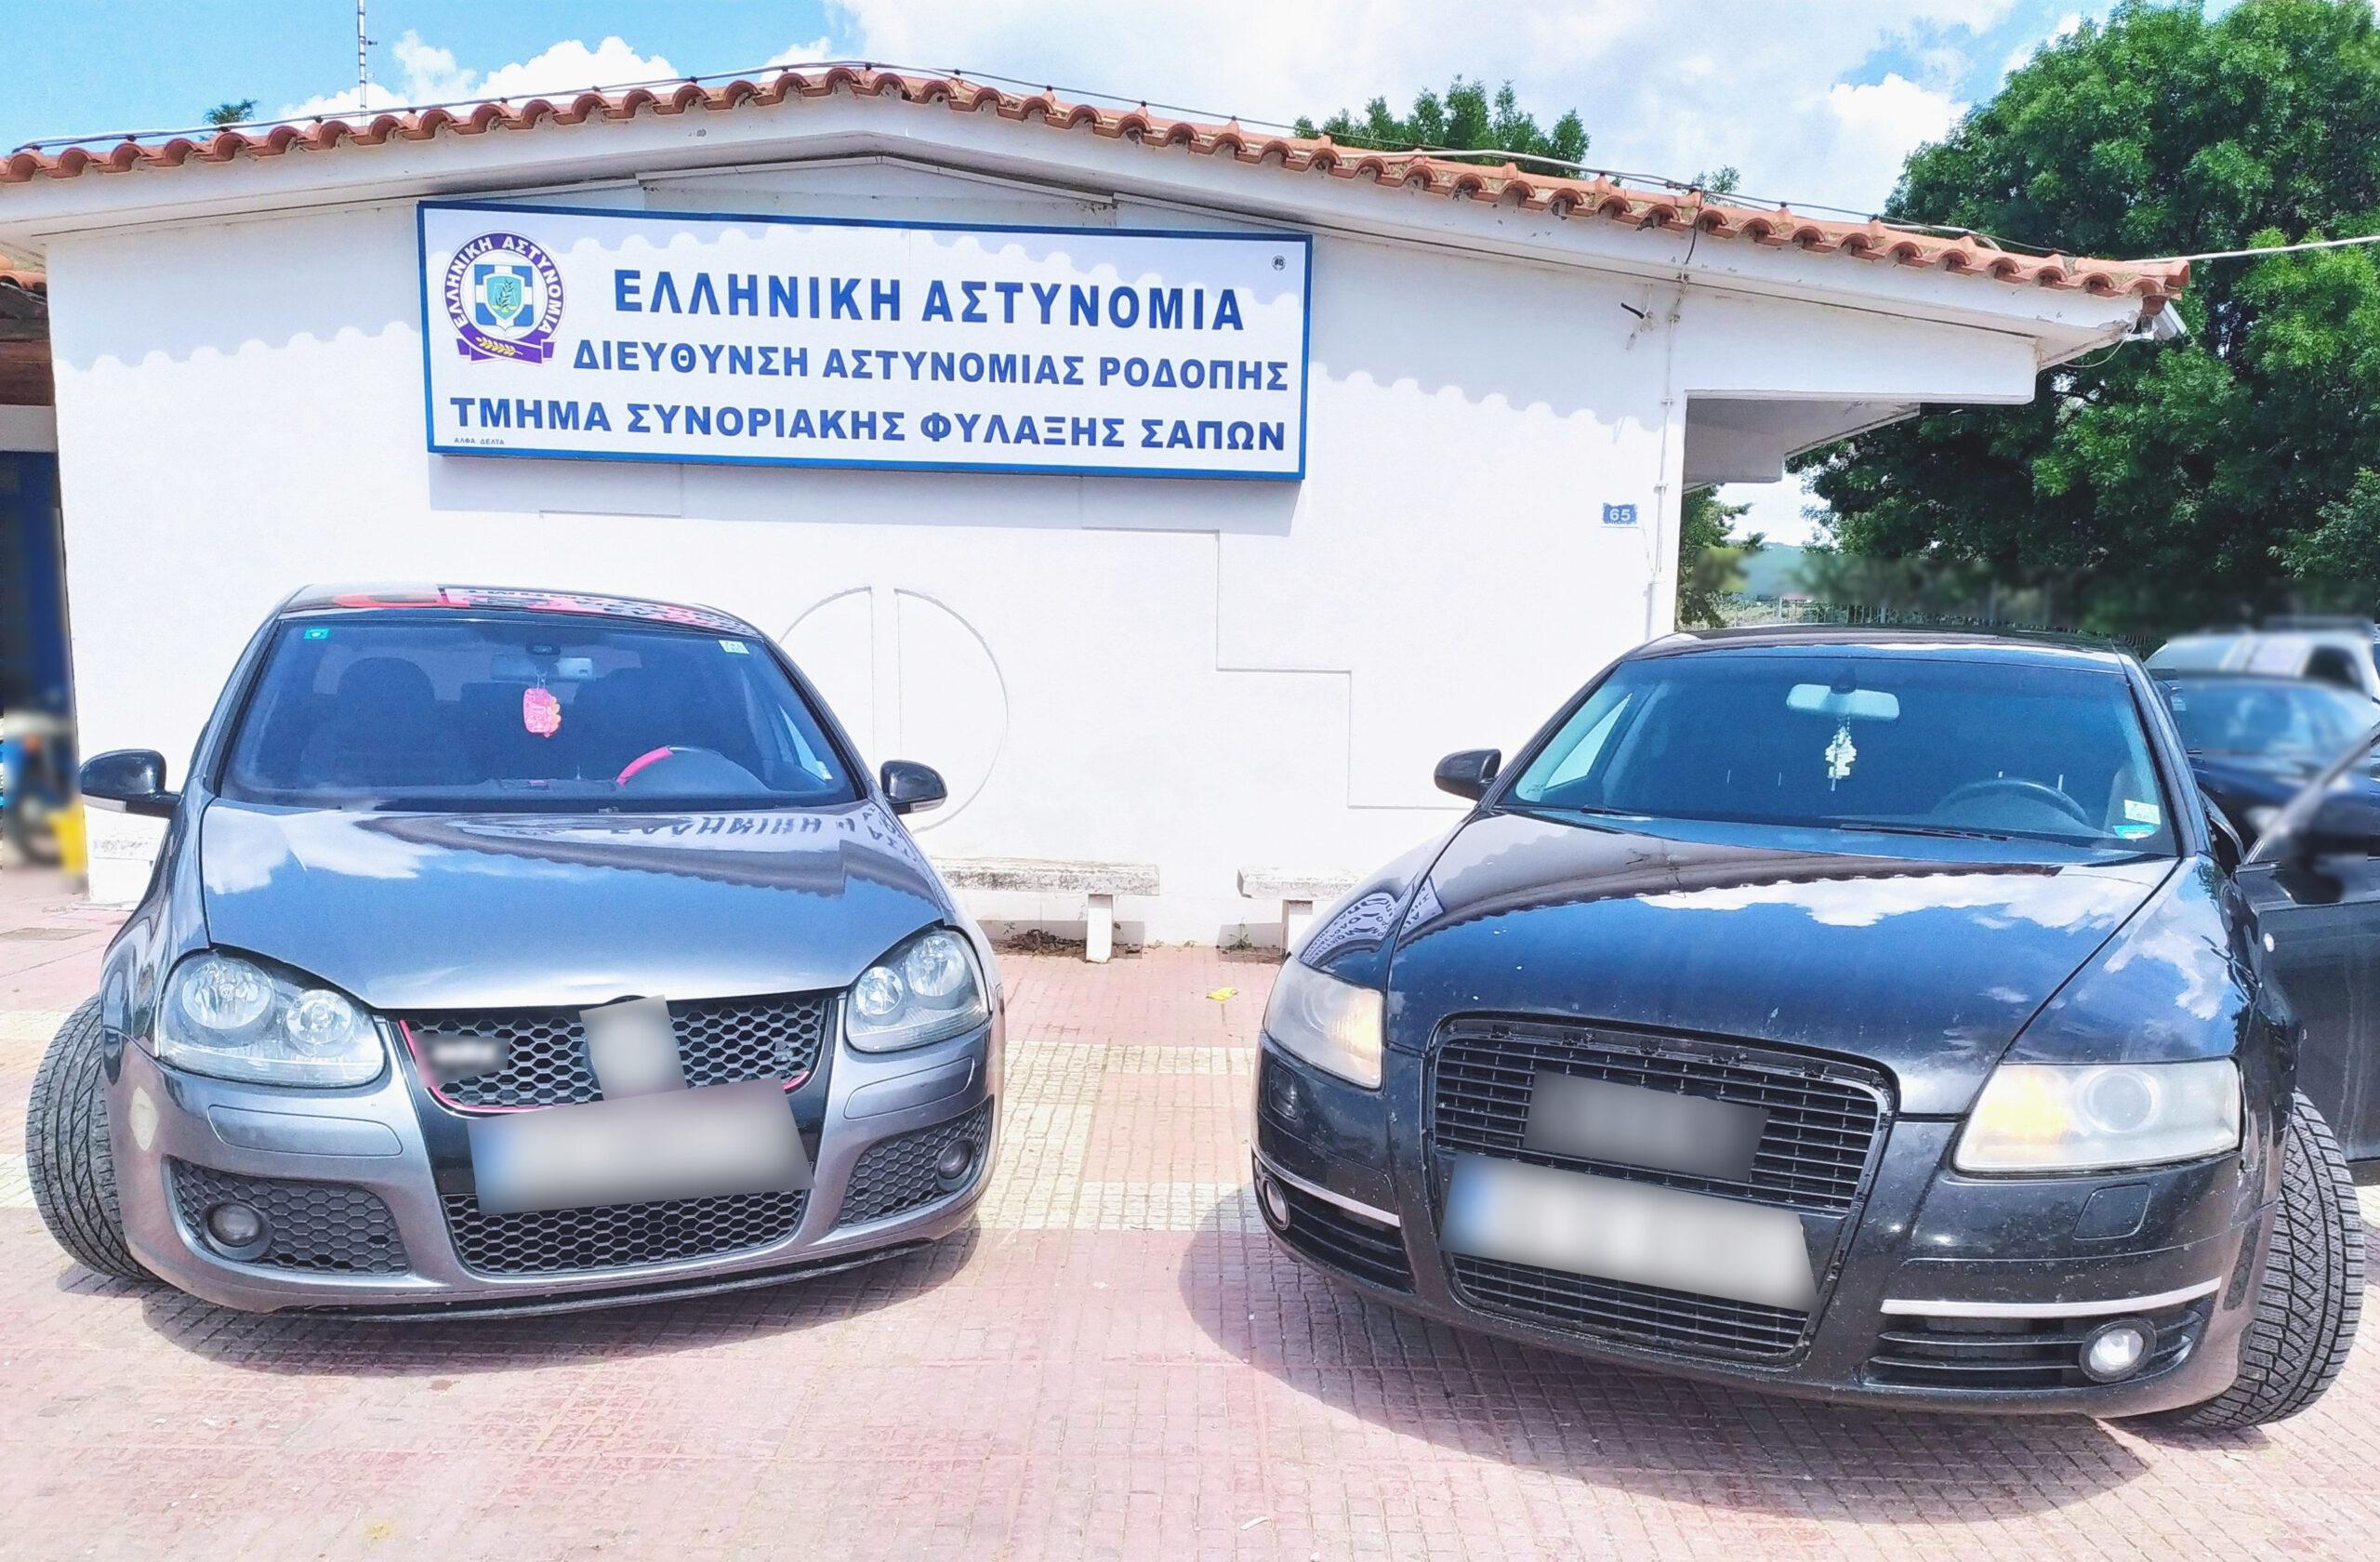 Συλλήψεις διακινητών μεταναστών στη Θράκη  Συλλήψεις διακινητών μεταναστών στη Θράκη 09062021rodopidiakinisi002 scaled